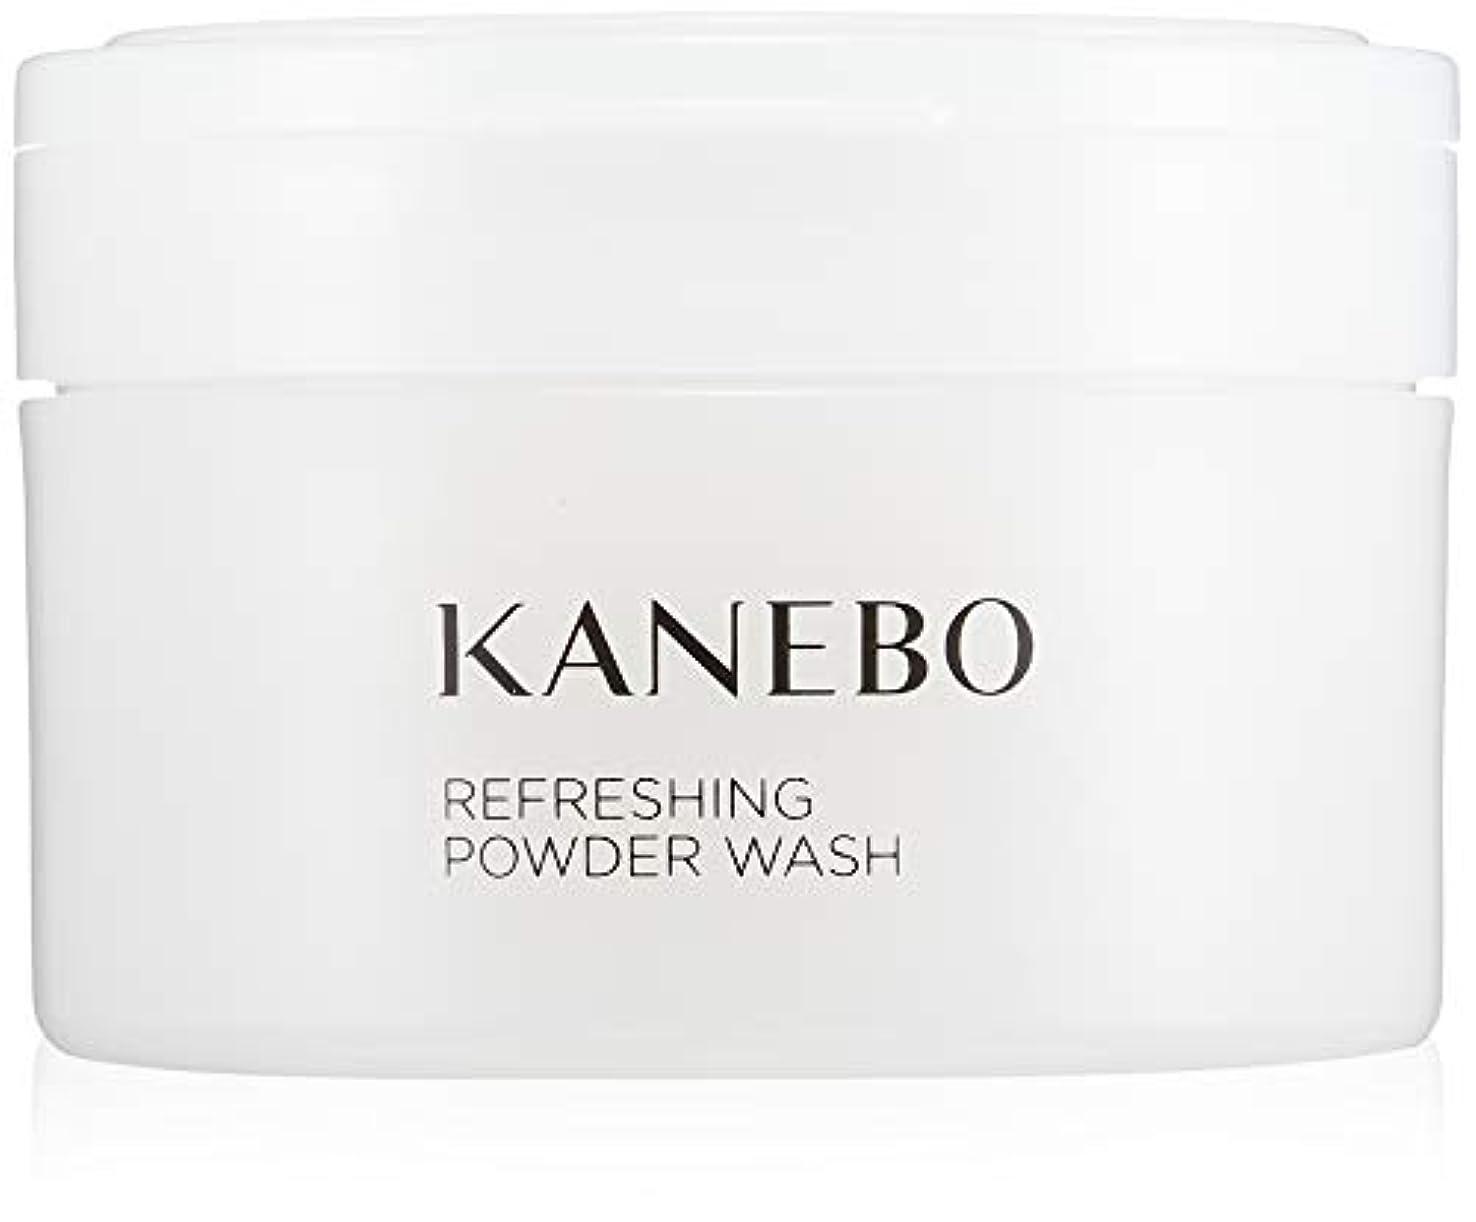 すごいハドル同性愛者KANEBO(カネボウ) カネボウ リフレッシング パウダー ウォッシュ 洗顔パウダー